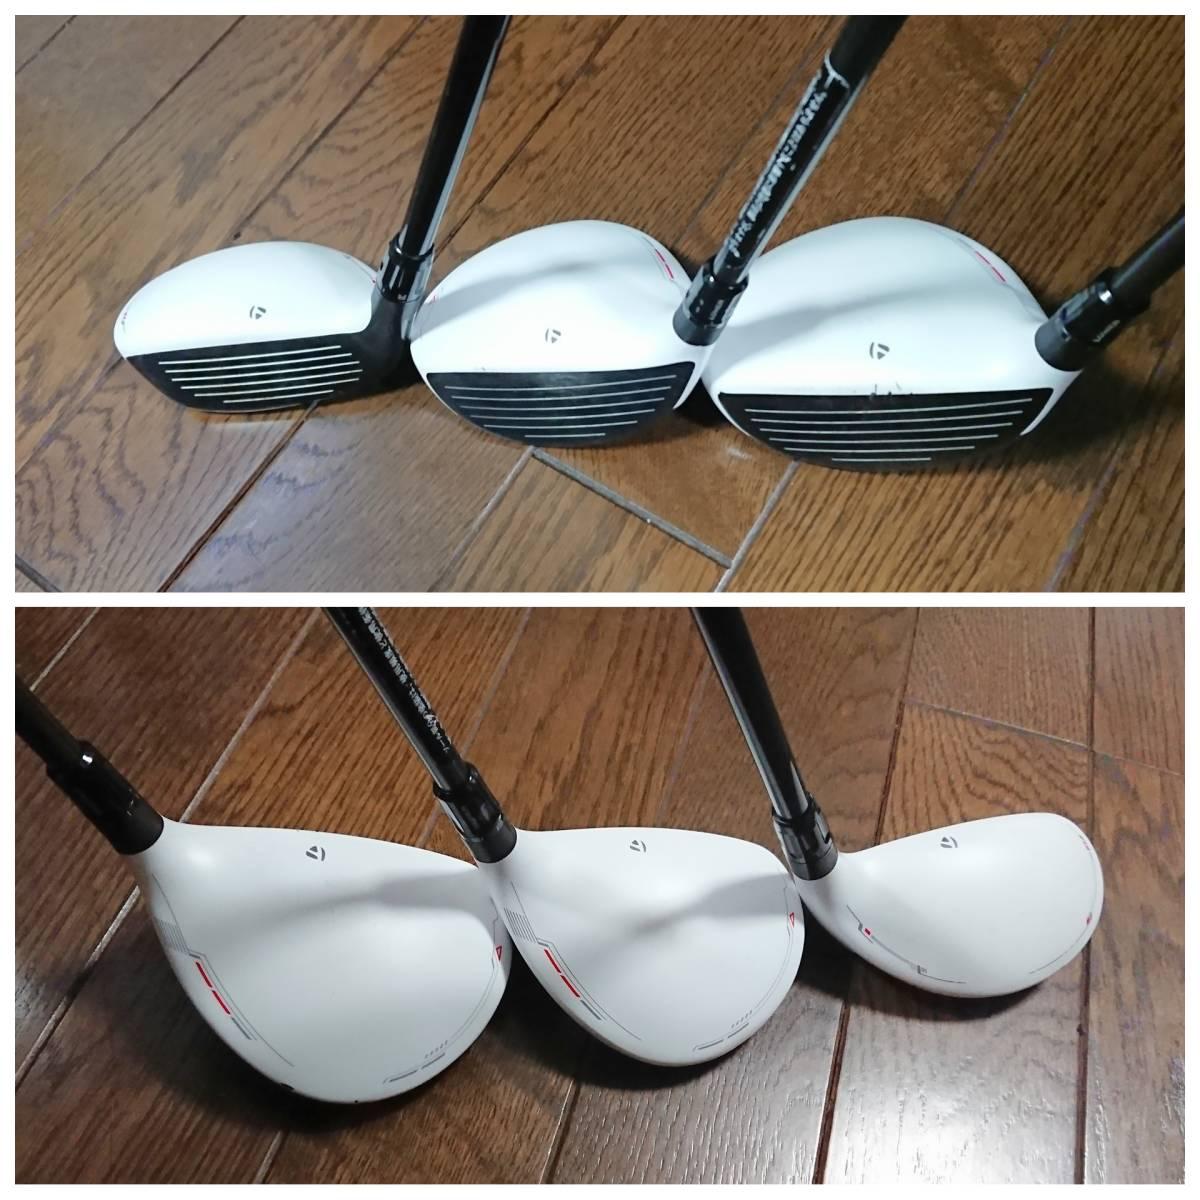 【テーラーメイド】ゴルフクラブ・フルセット(13本) 新品未使用キャディバック付き _画像7